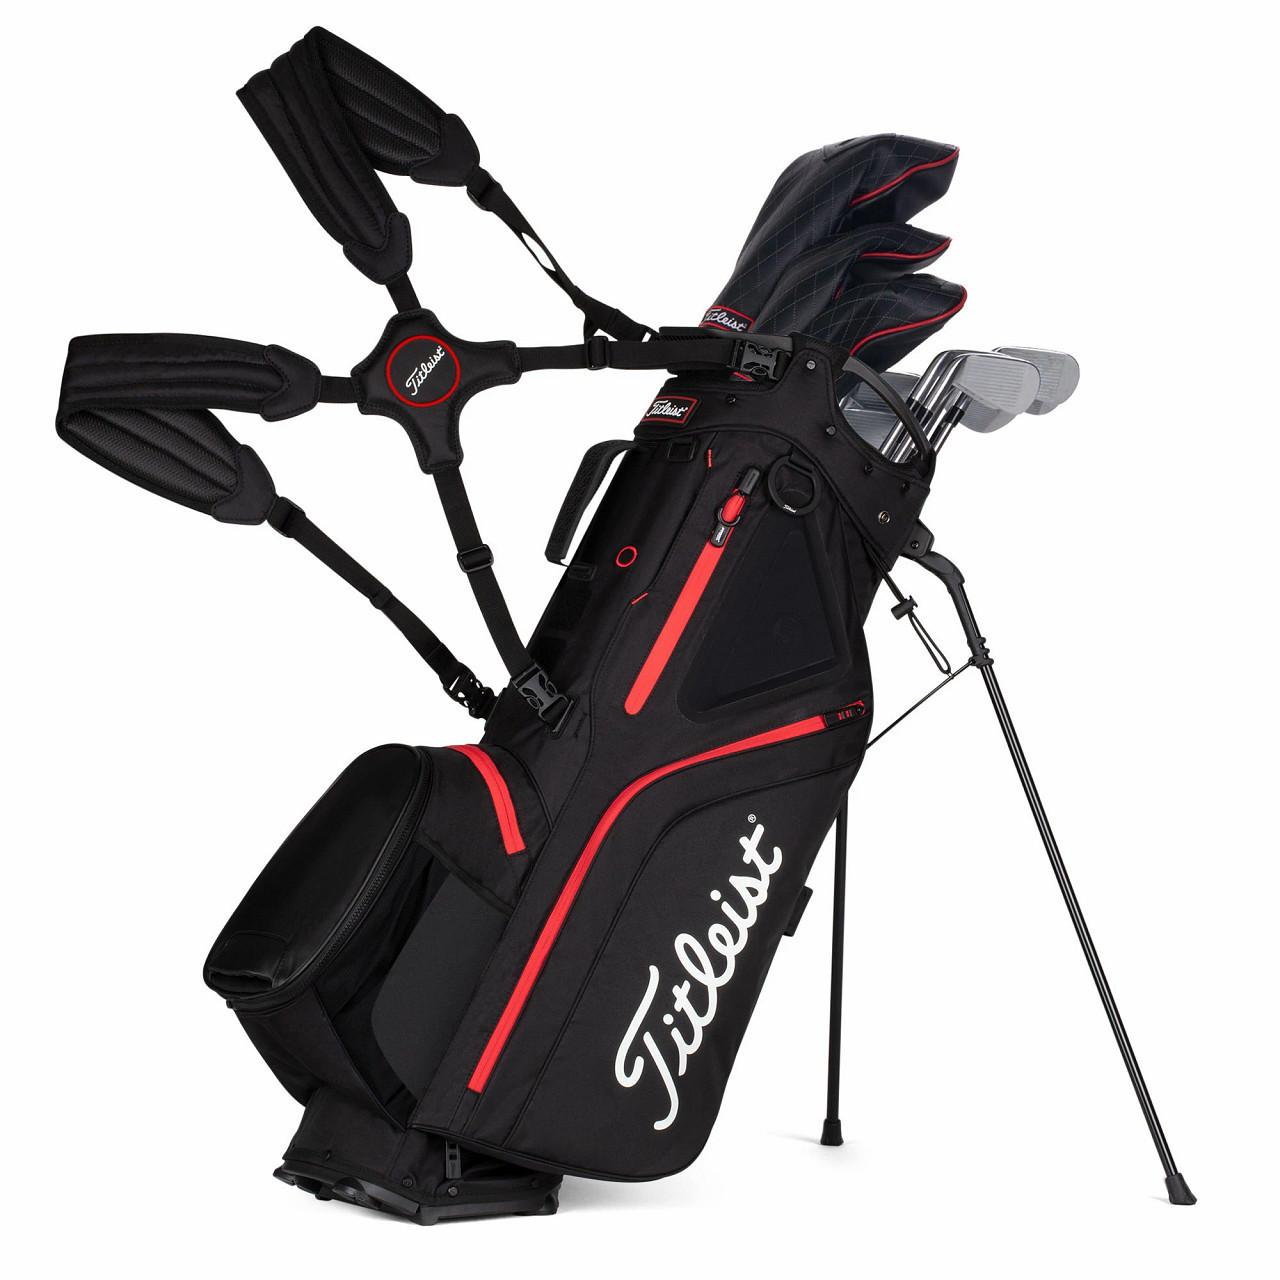 Titleist Hybrid 5 Golf Bag 2021 - Black / Black / Red